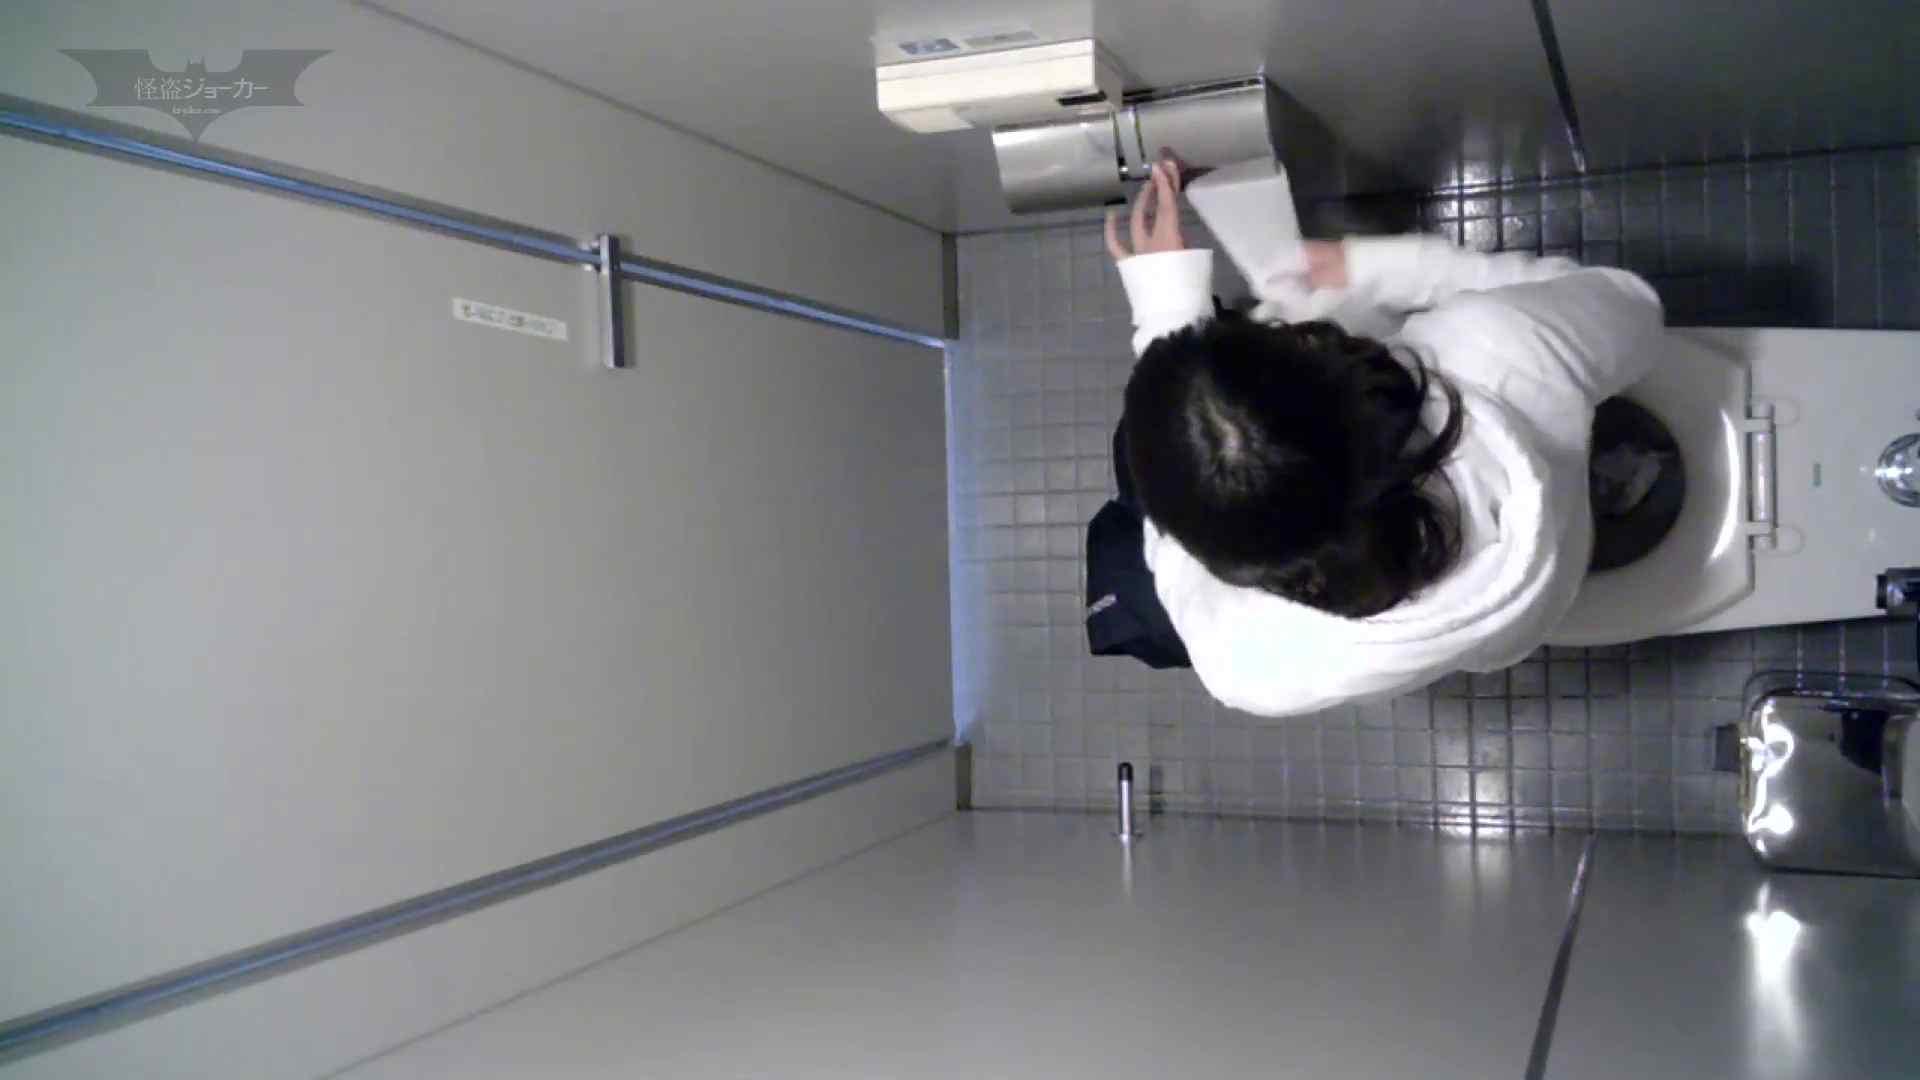 有名大学女性洗面所 vol.58 アンダーヘアーも冬支度? 投稿 オマンコ動画キャプチャ 69画像 8